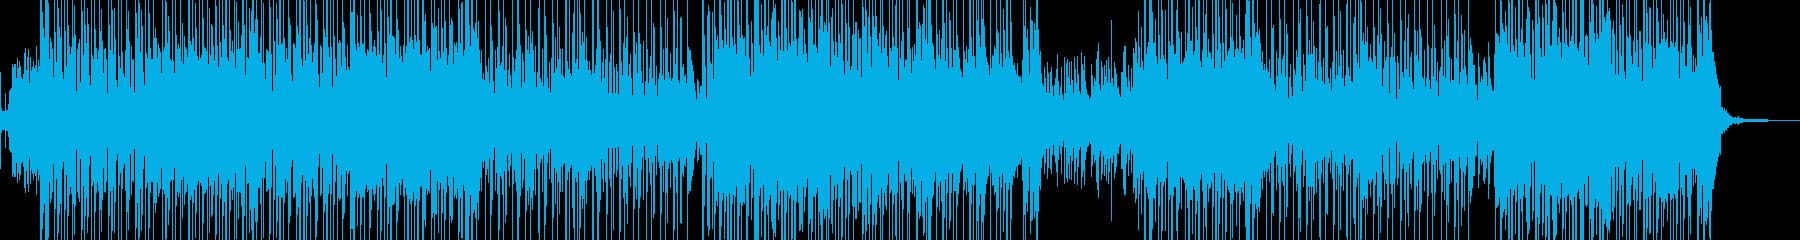 琴・尺八・レトロな演歌調ポップ 長尺の再生済みの波形